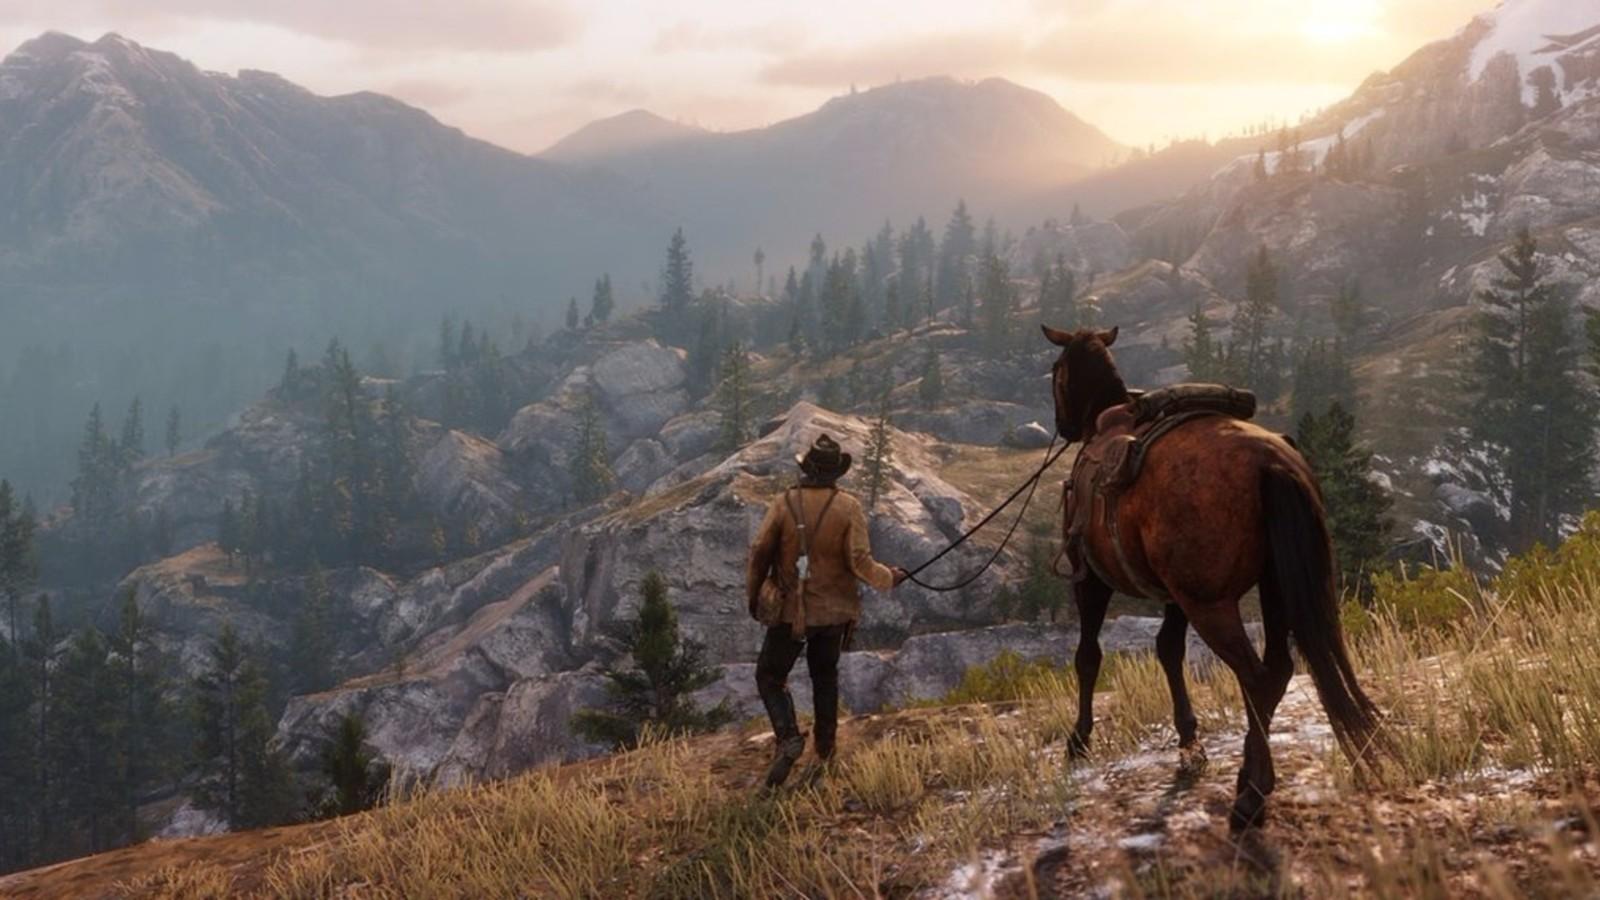 《荒野大镖客OL》血染之财模式上线后 出现奇怪马匹